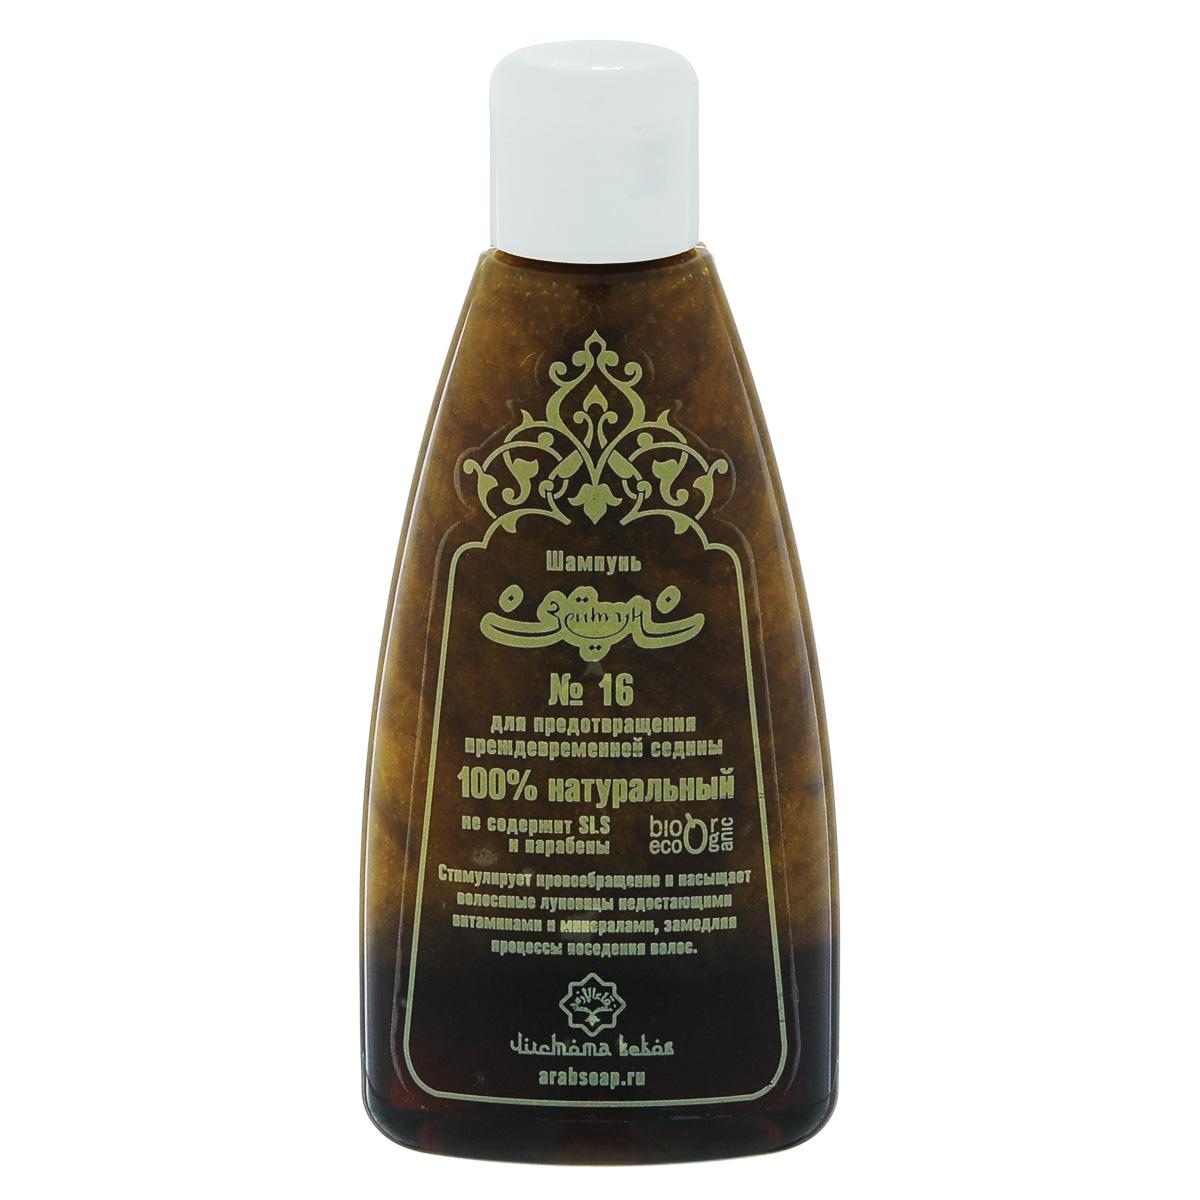 Зейтун Шампунь для волос №16 от седины, 150 млZ0416Стимулирует микроциркуляцию крови в капиллярах головы и насыщает волосяные луковицы недостающими витаминами и минералами, благодаря чему замедляет процесс поседения волос. Помимо специально подобранных масел в составе большую роль в эффективности этого натурального шампуня против седины играет подготовленная вода, насыщенная оксидами железа, меди и цинка.